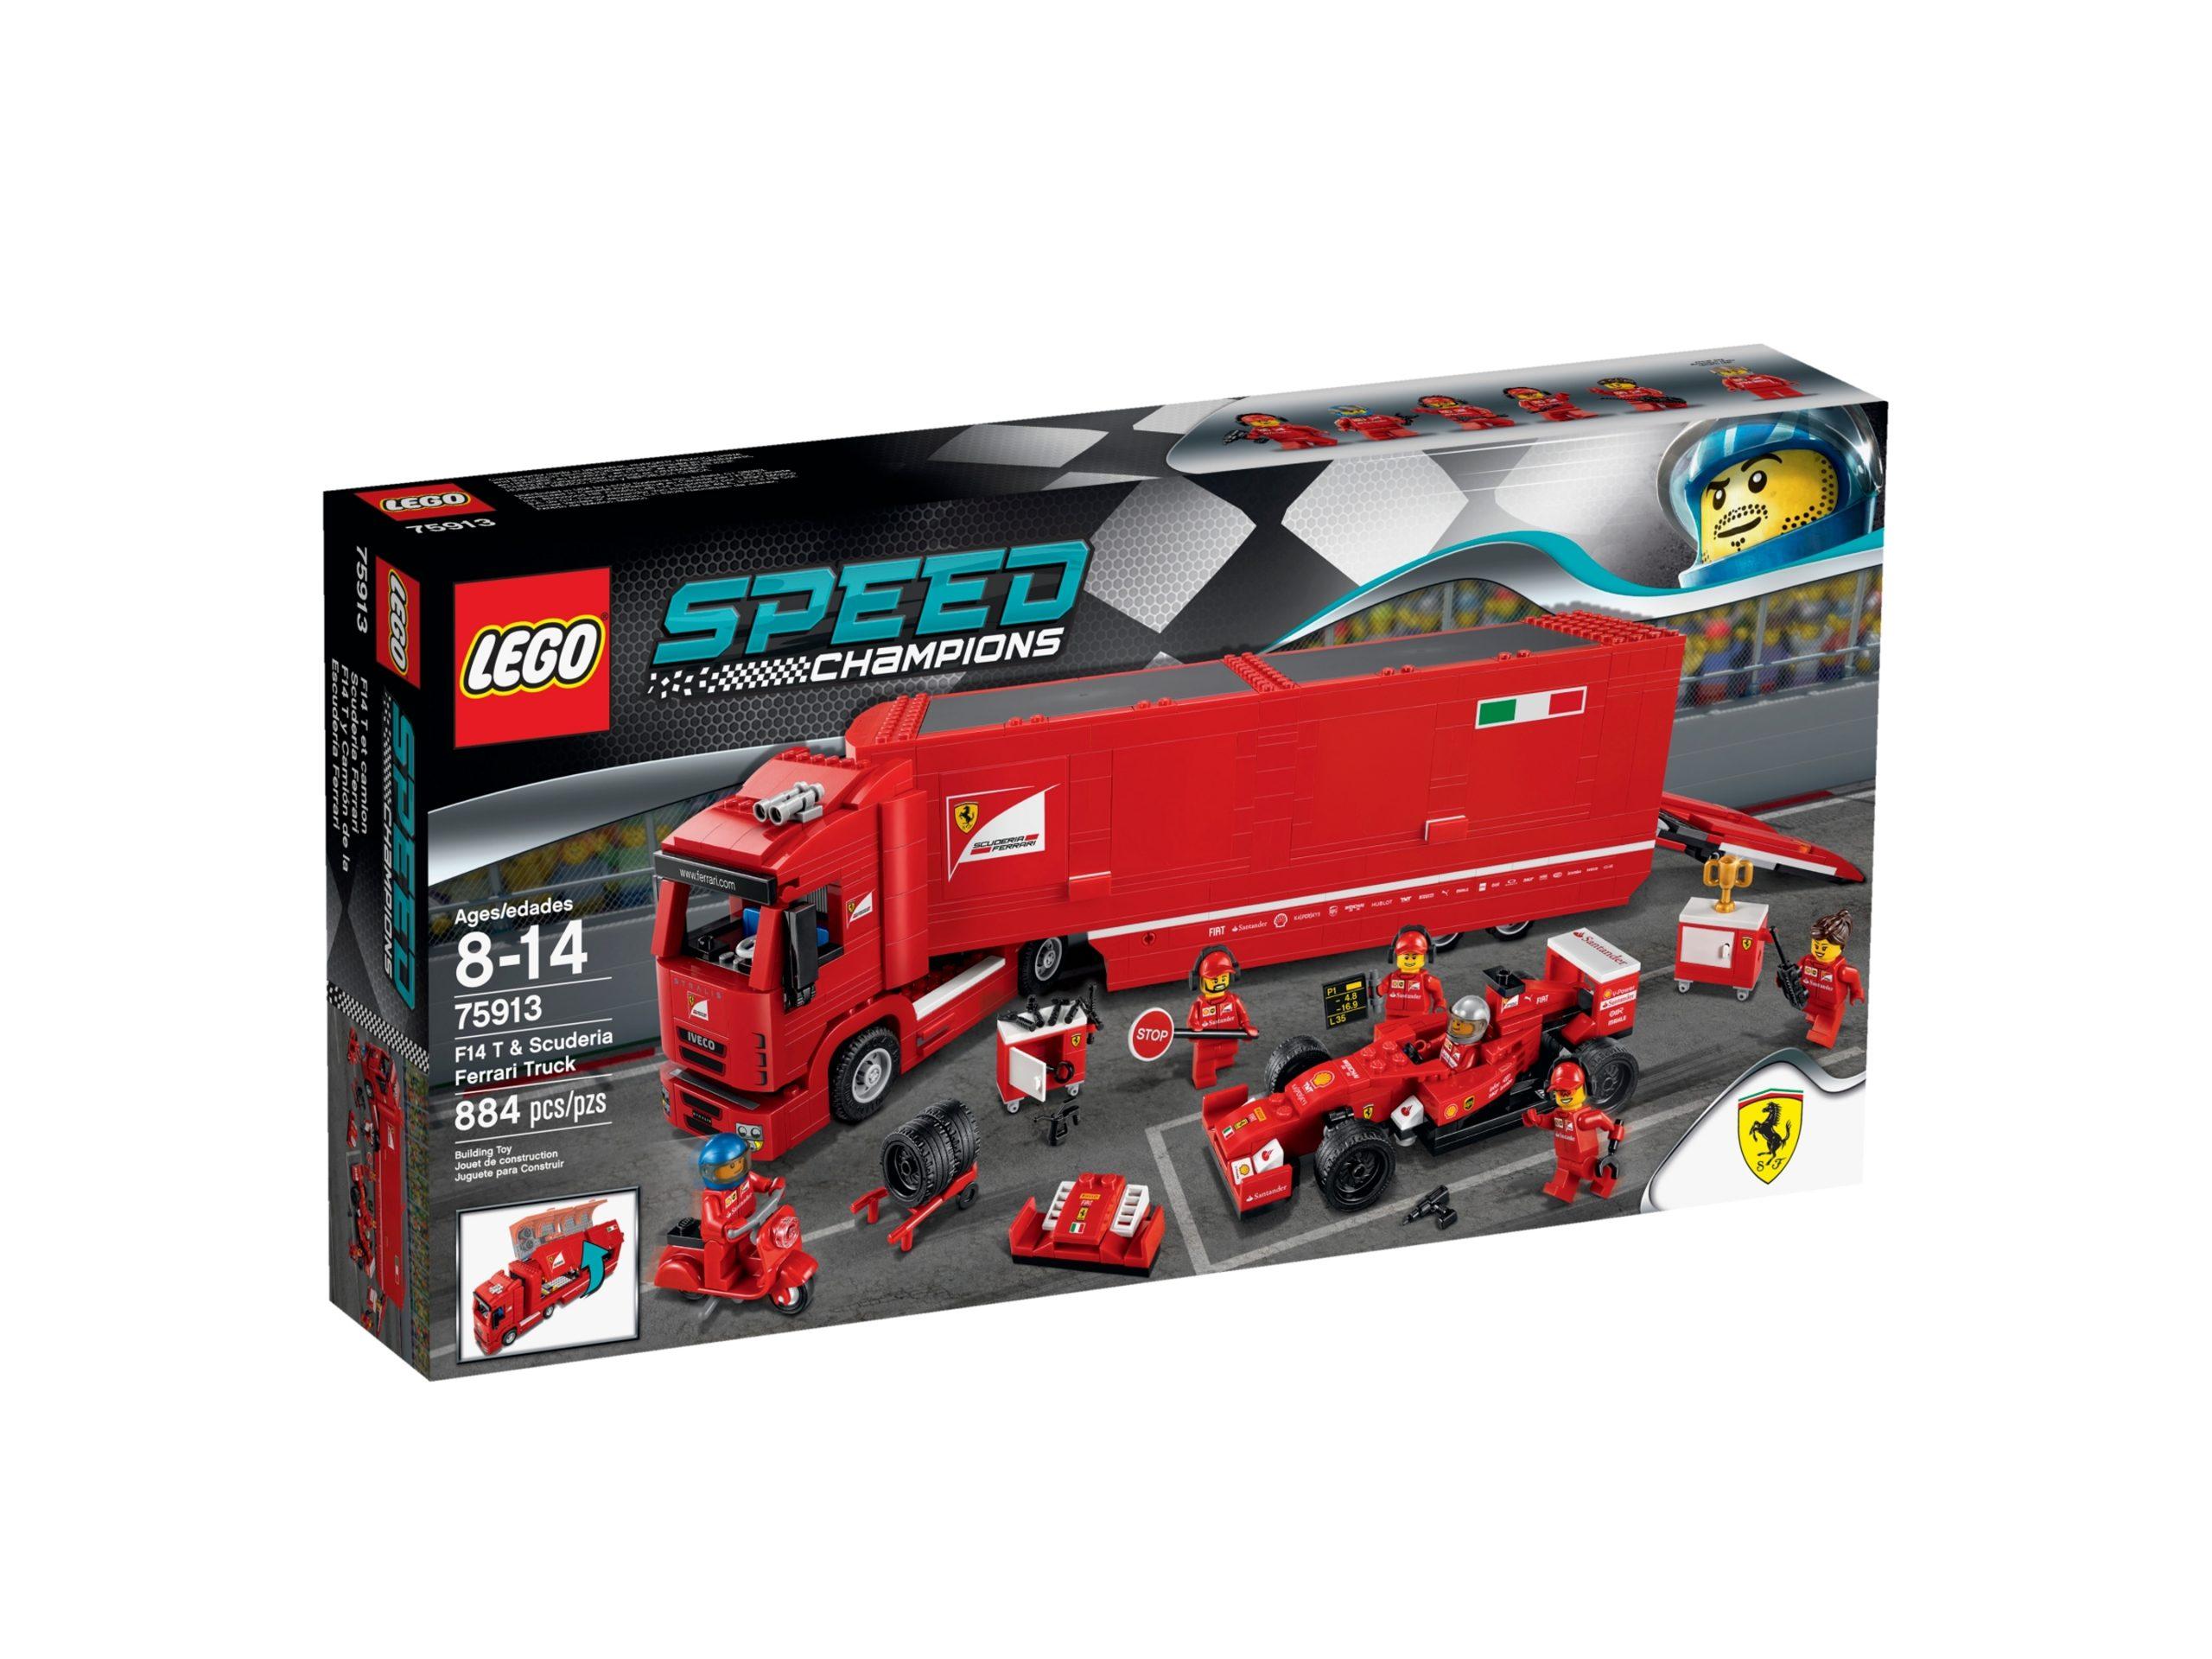 lego 75913 f14 t scuderia ferrari truck scaled